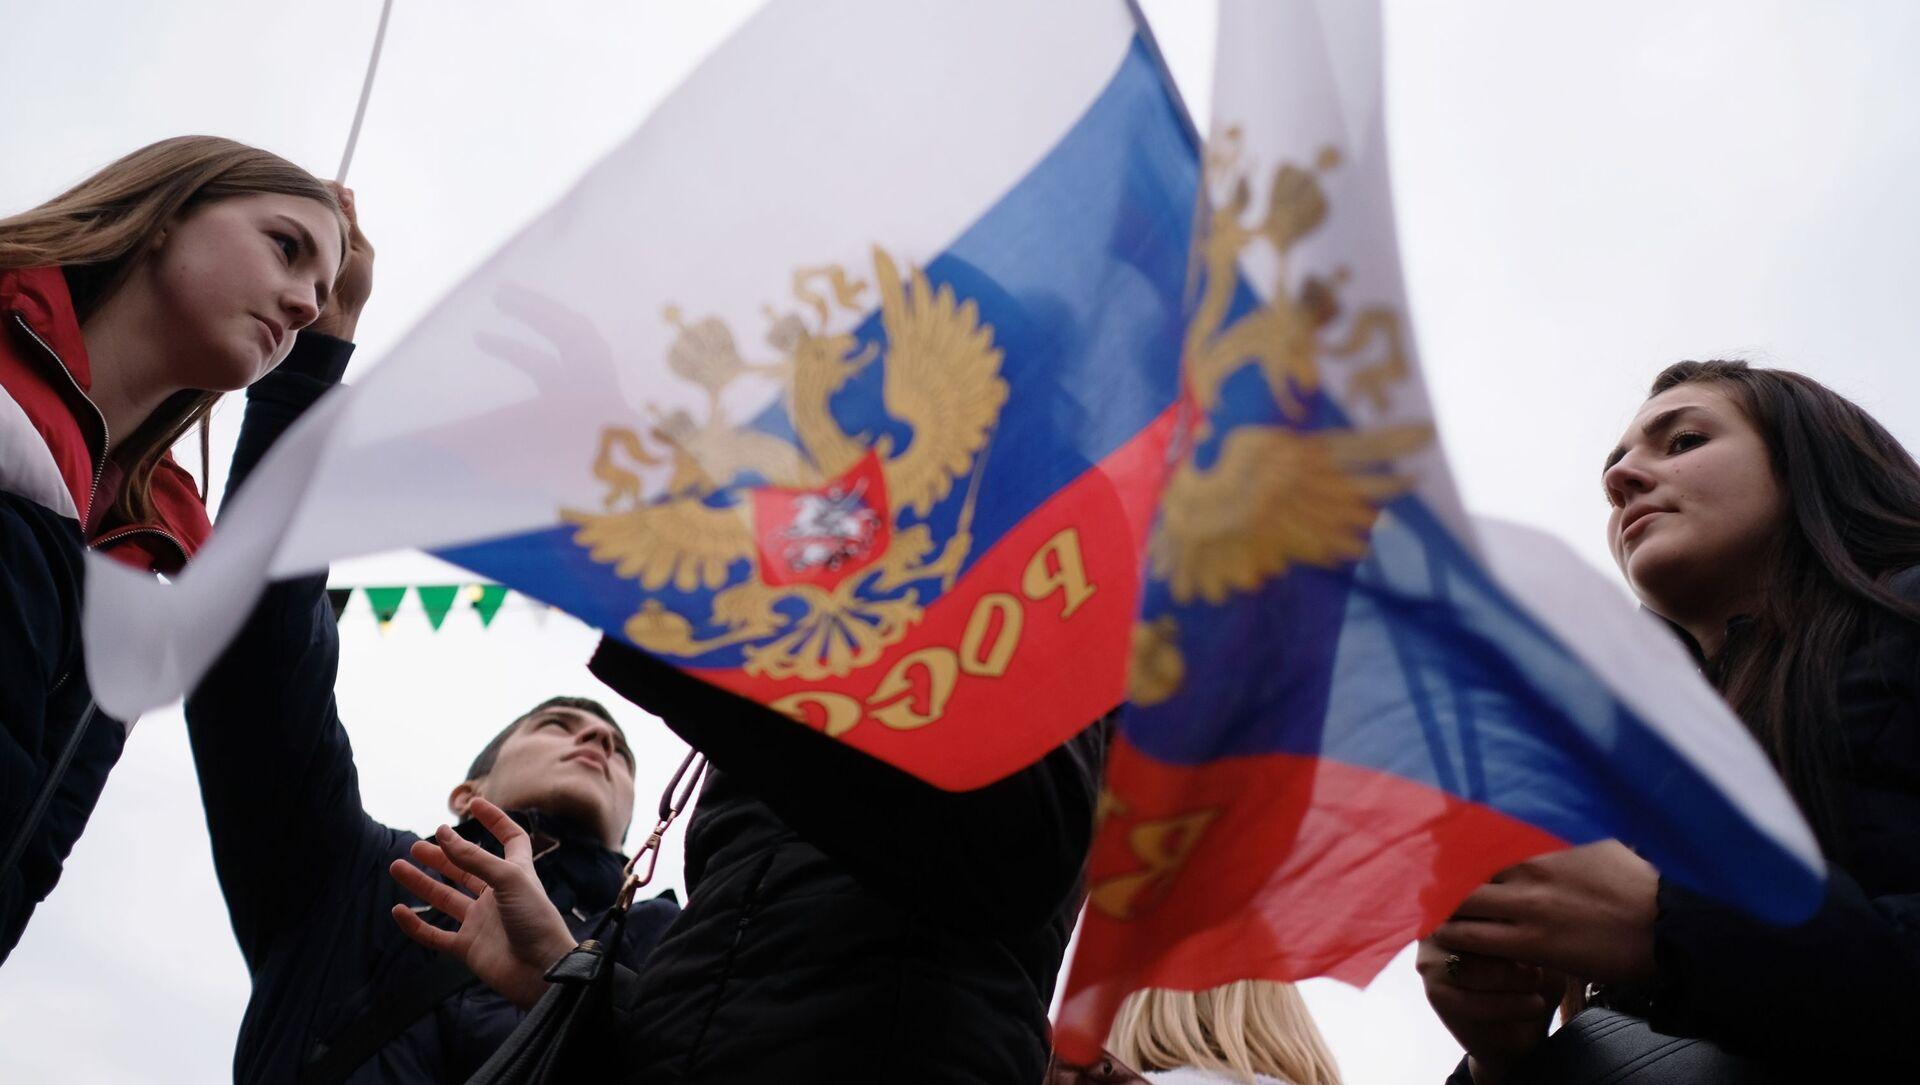 Участники фестиваля в Краснодаре Россия - Sputnik Грузия, 1920, 16.02.2021